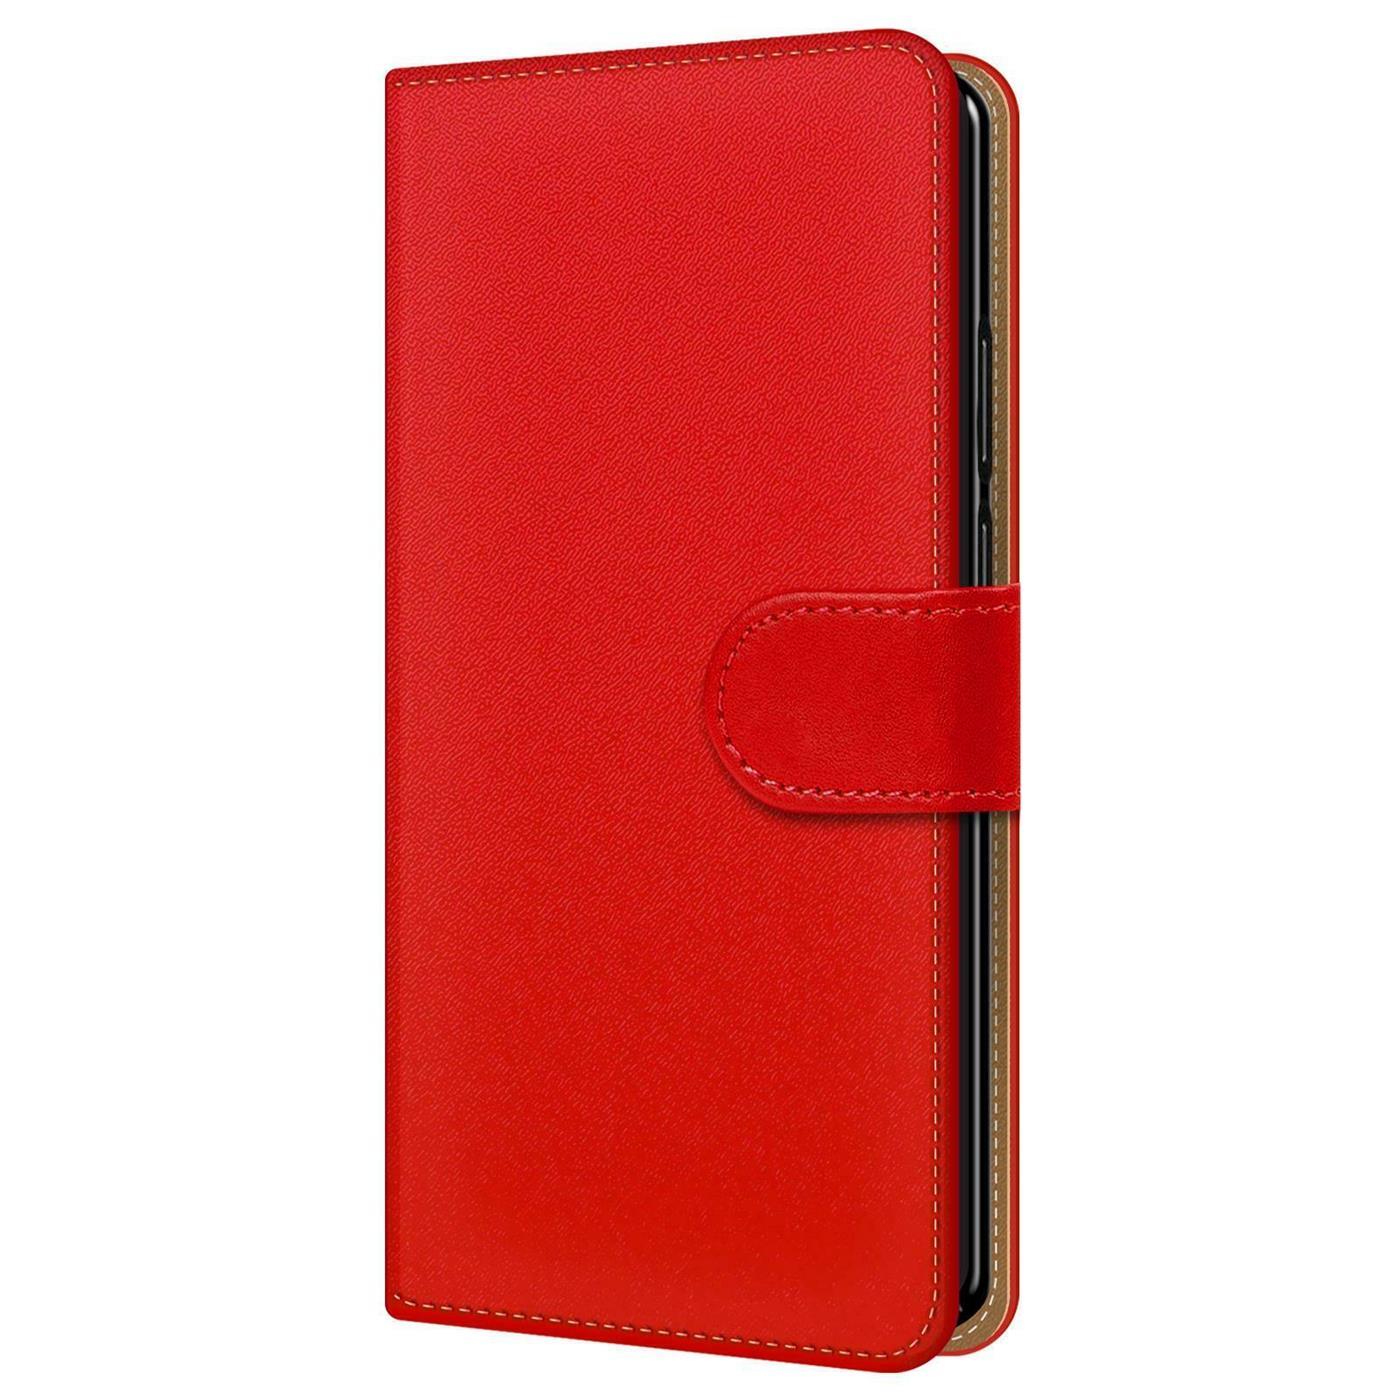 Samsung-Galaxy-J4-Plus-Handy-Klapp-Tasche-Schutz-Huelle-Book-Flip-Cover-Case-Etui Indexbild 23